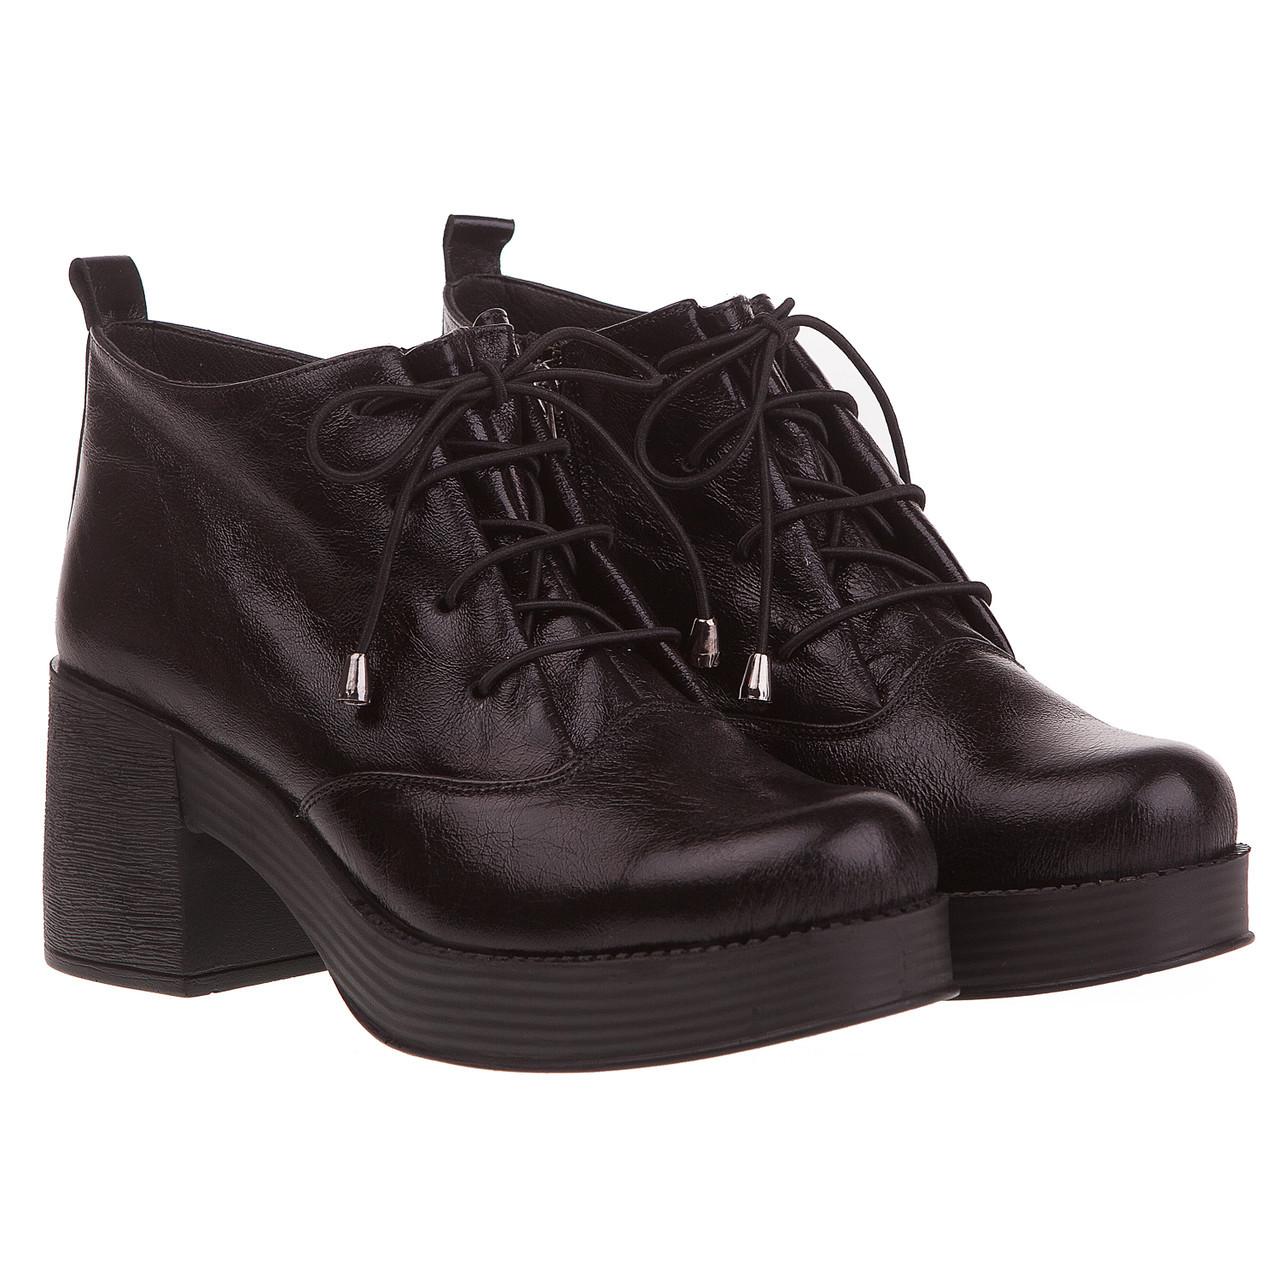 43c392a6c Женские ботинки Aquamarin (черные, на шнурках, удобный каблук, стильные,  модные)